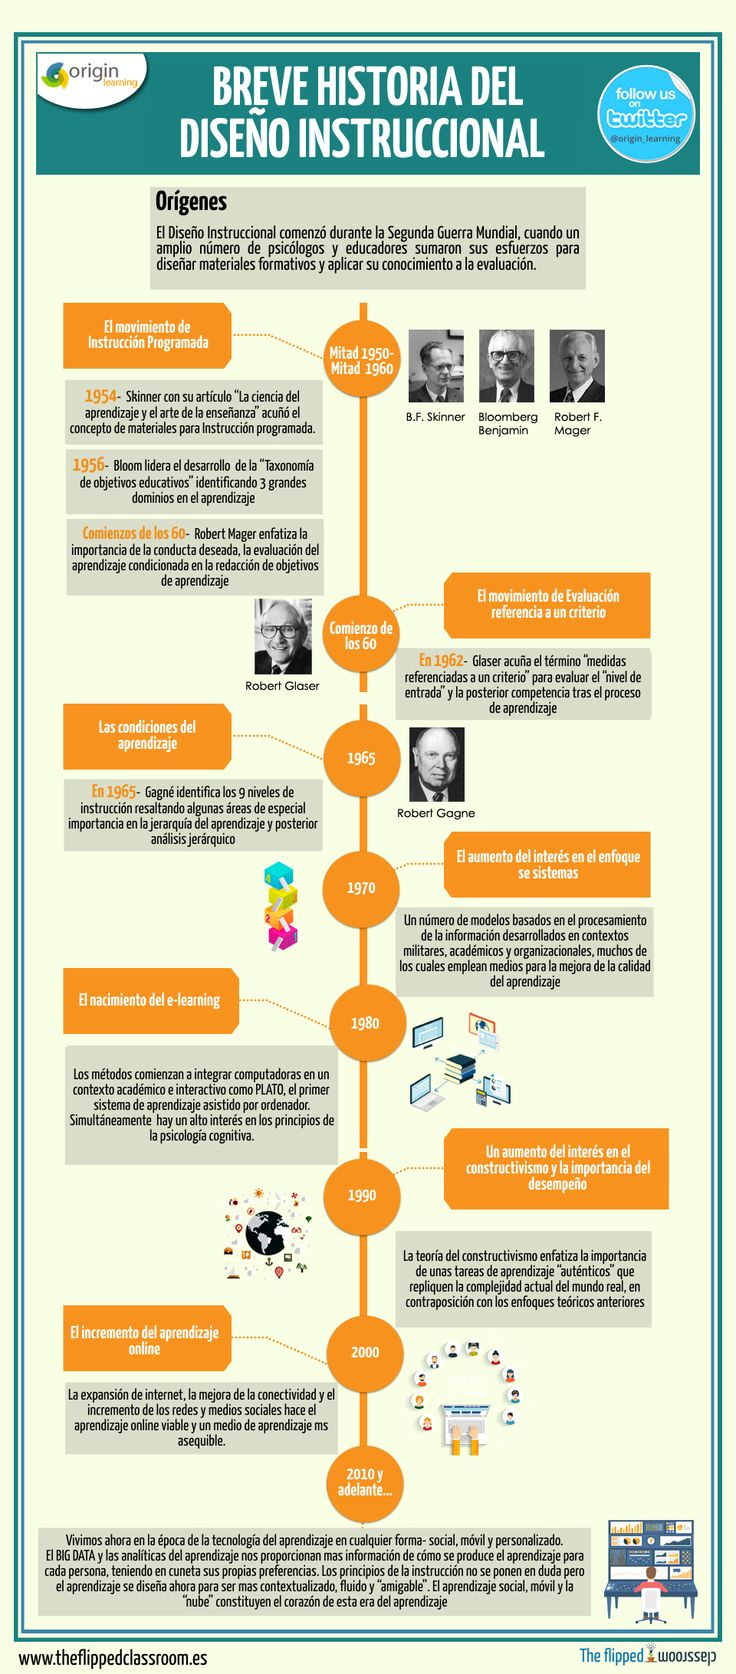 Historia del Diseño Instruccional #infografia #infographic #education | TICs y Formación